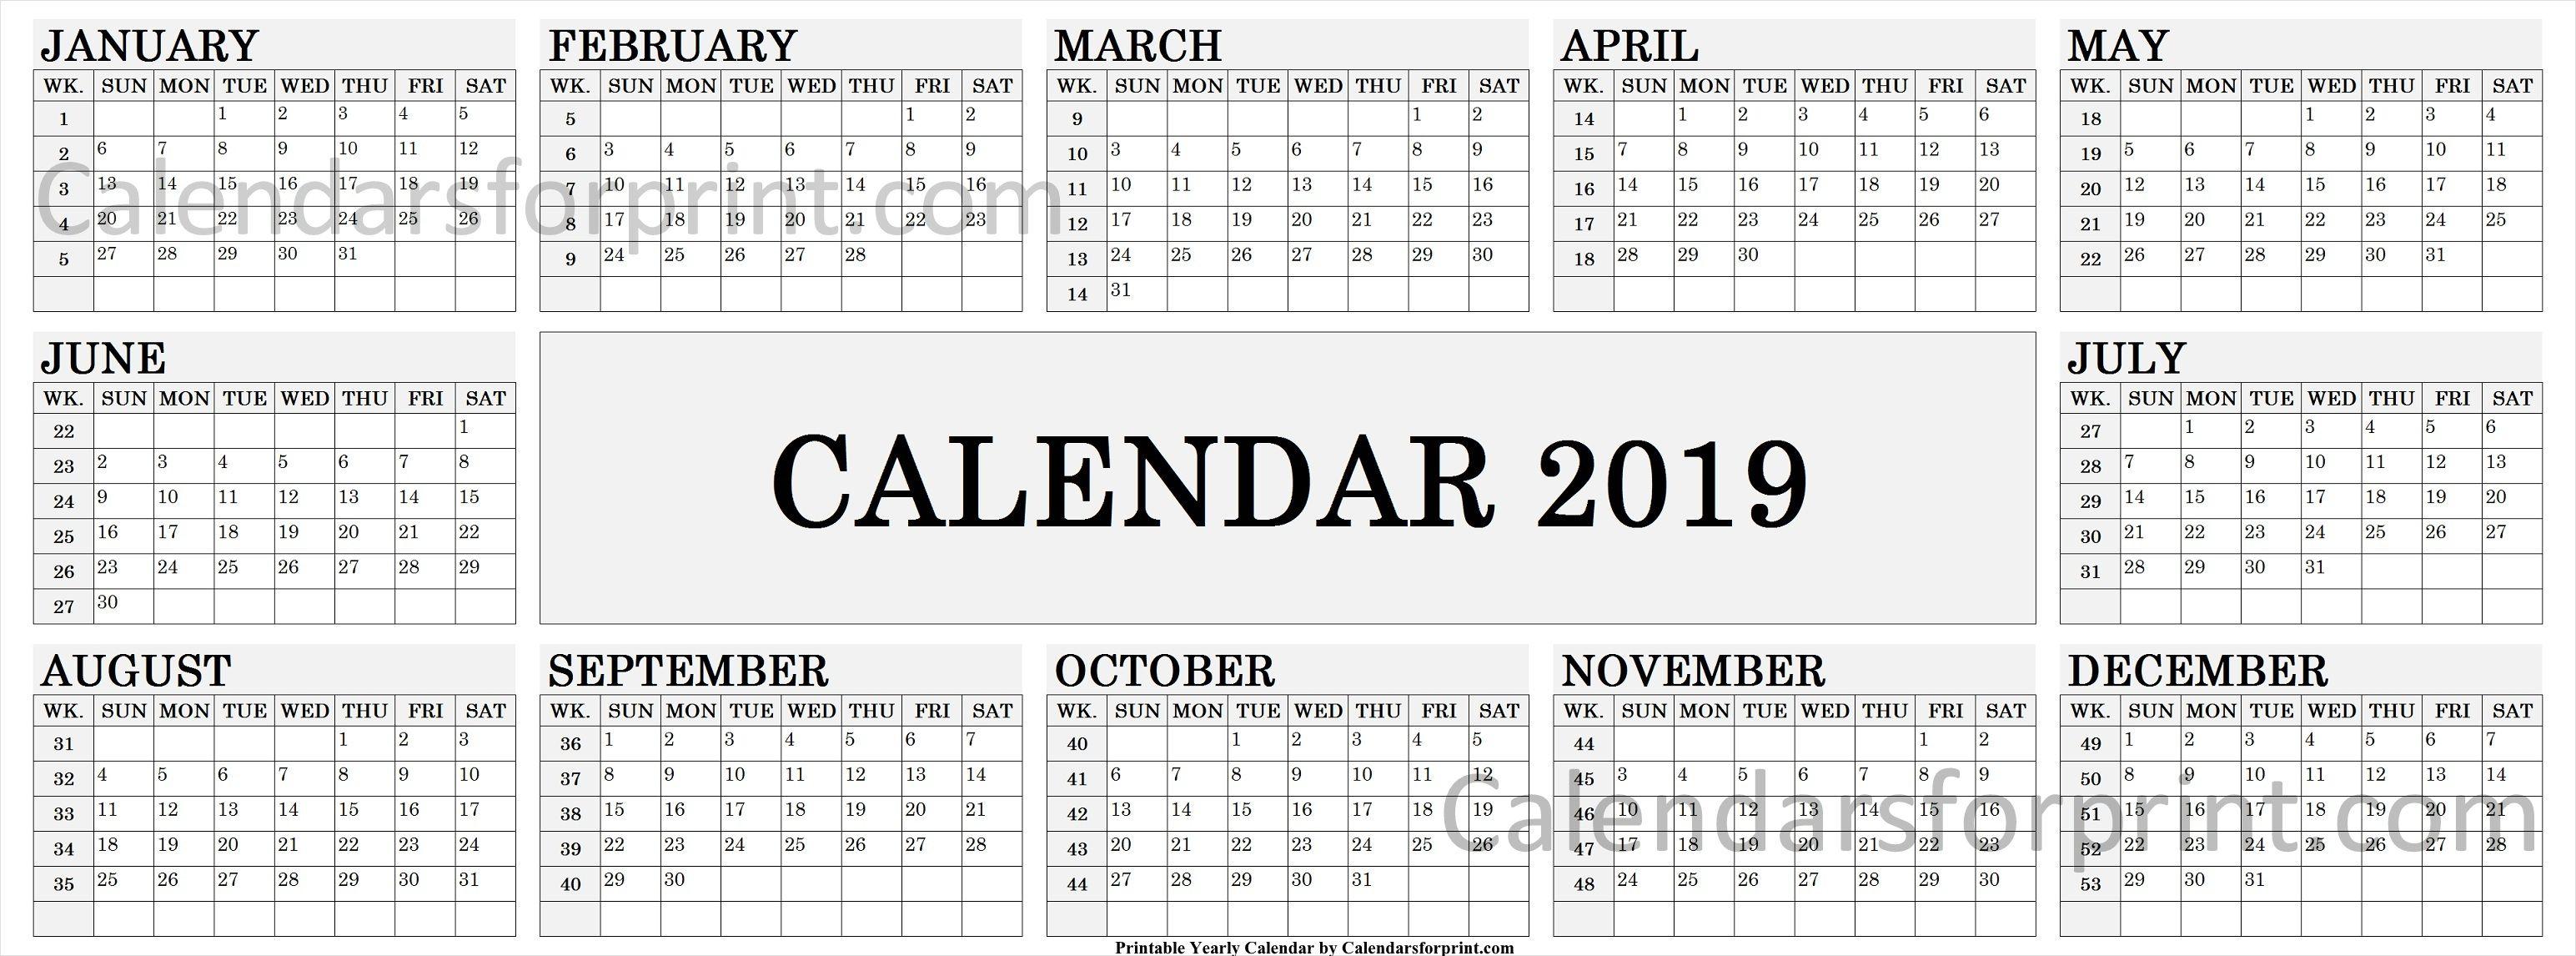 2019 Calendarweek | 2019 Calendar, Yearly Calendar